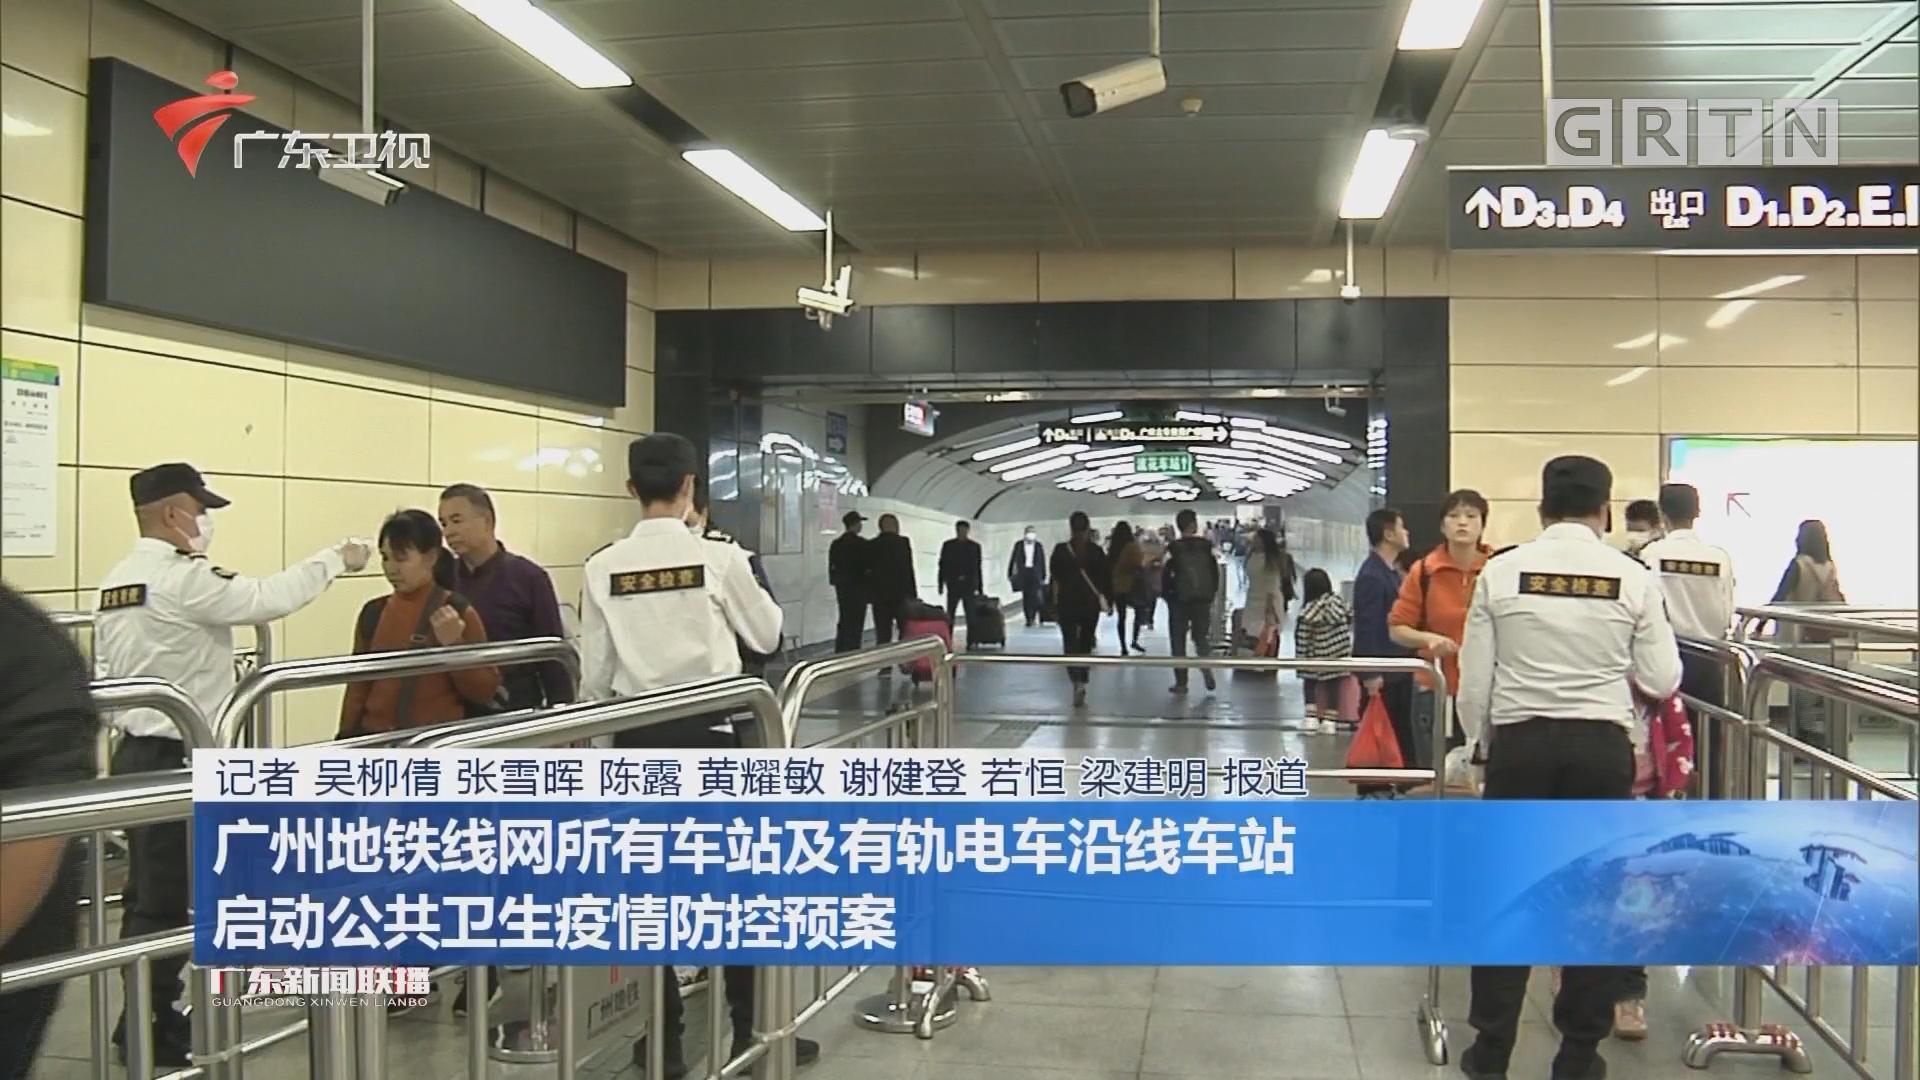 广州地铁线网所有车站及有轨电车沿线车站启动公共卫生疫情防控预案